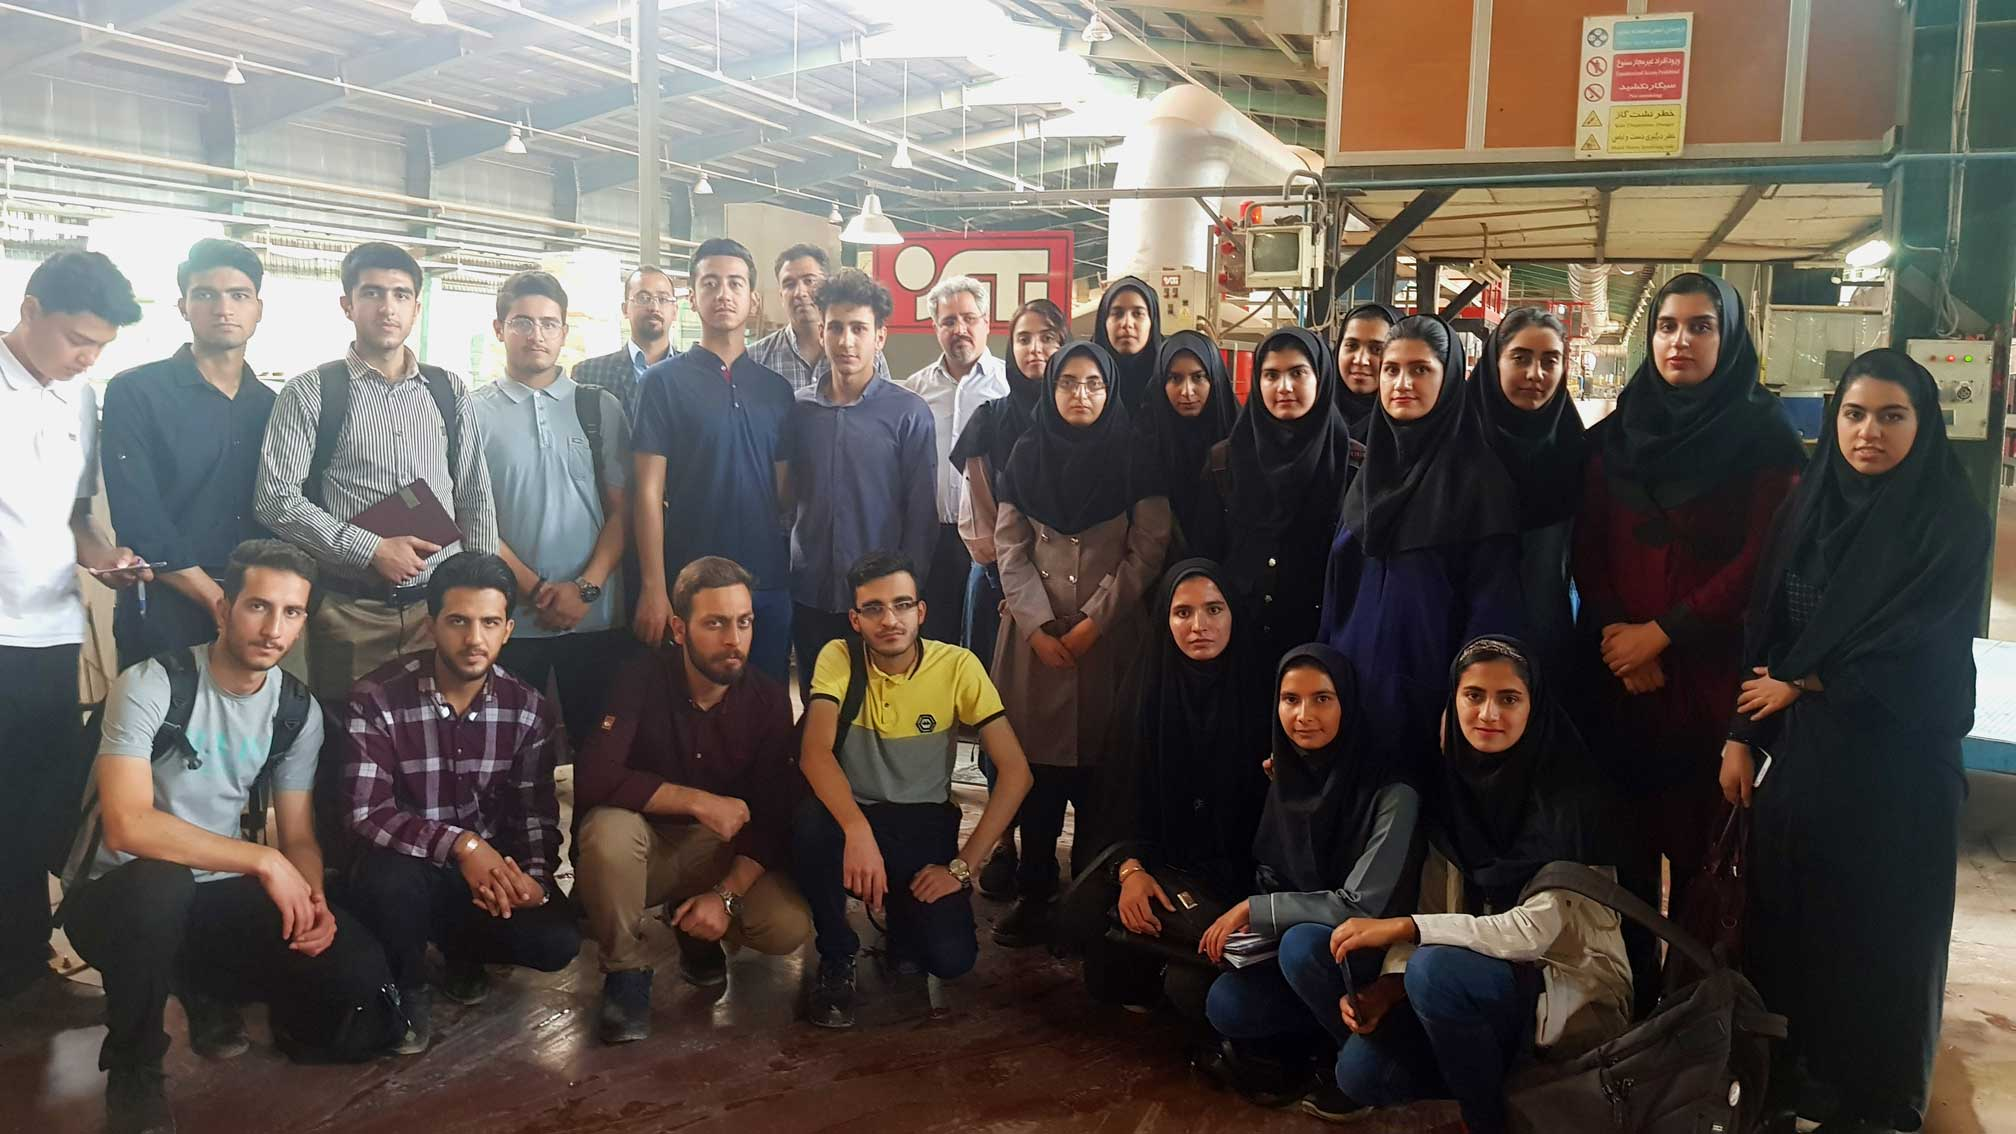 بازدید دانشجویان علوم پزشکی از شرکت کاشی یزدسرام